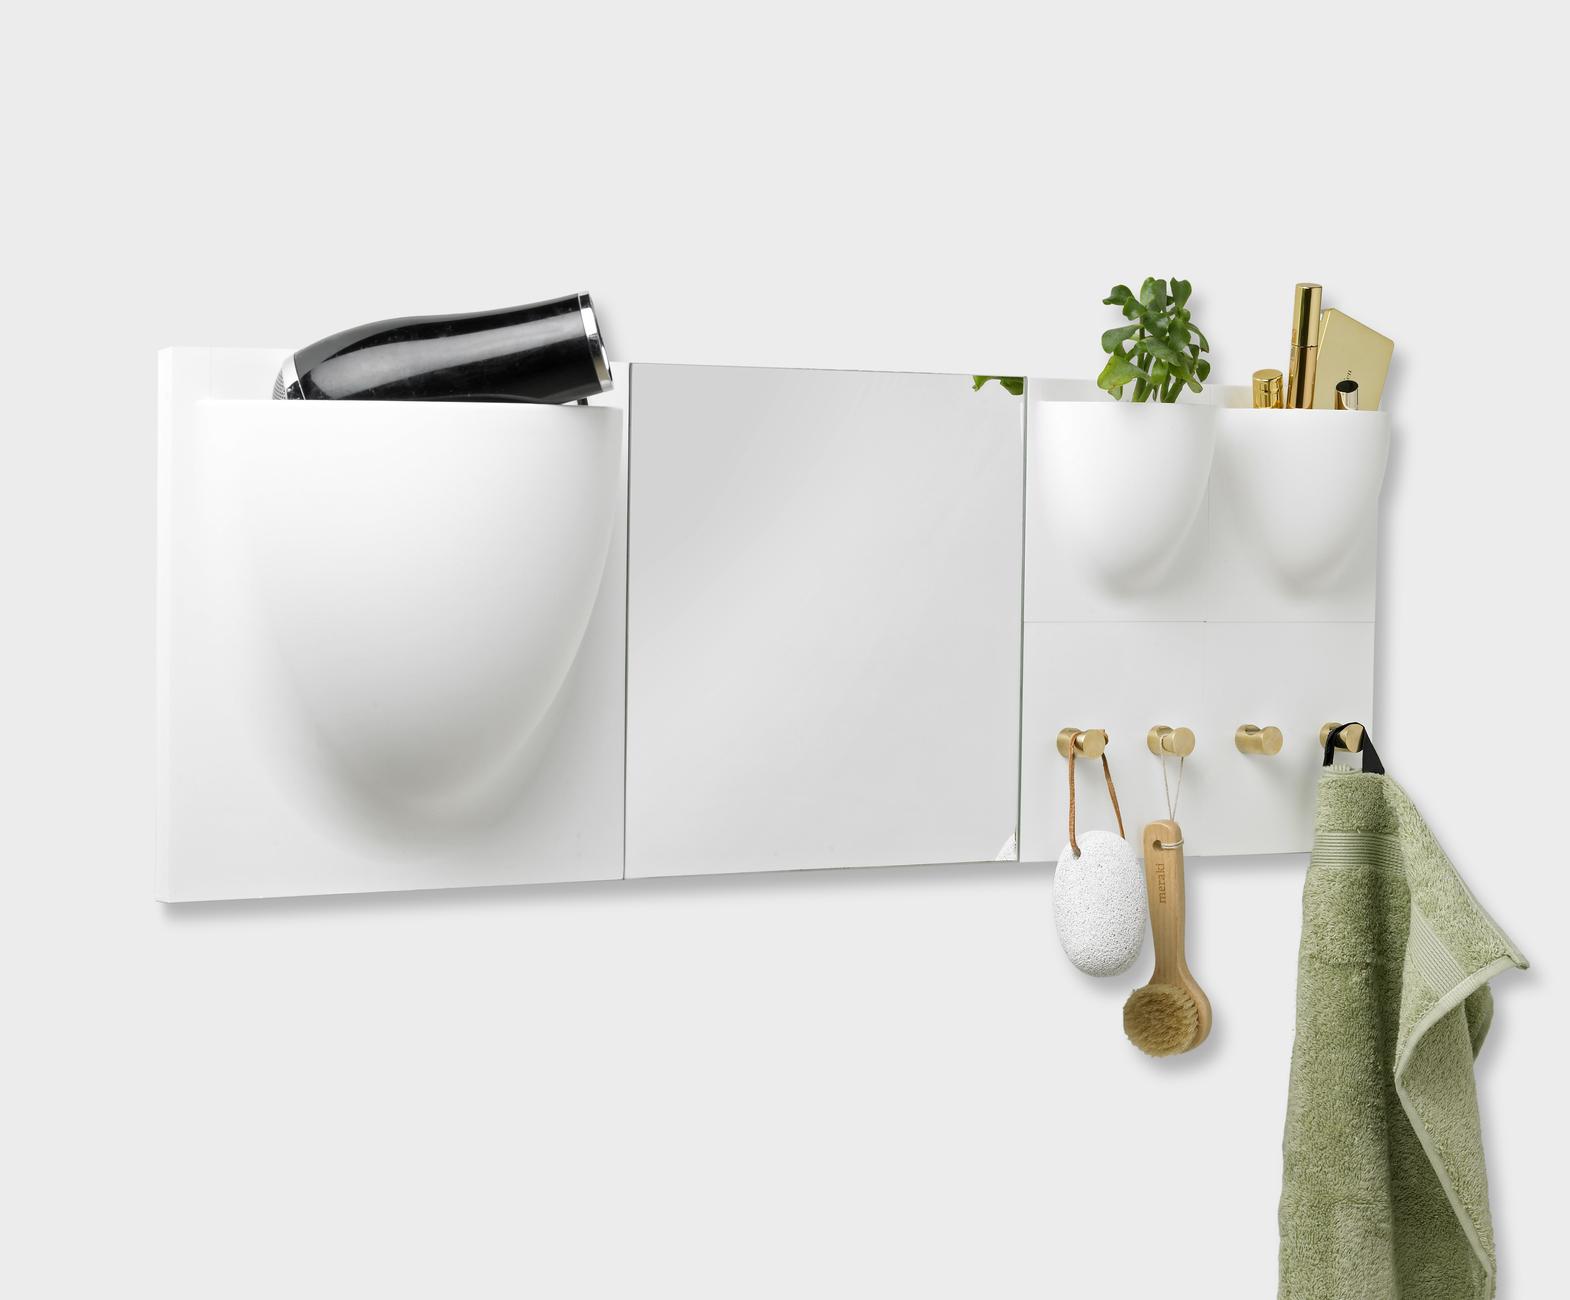 sustainable Verti Copenhagen for bathroom